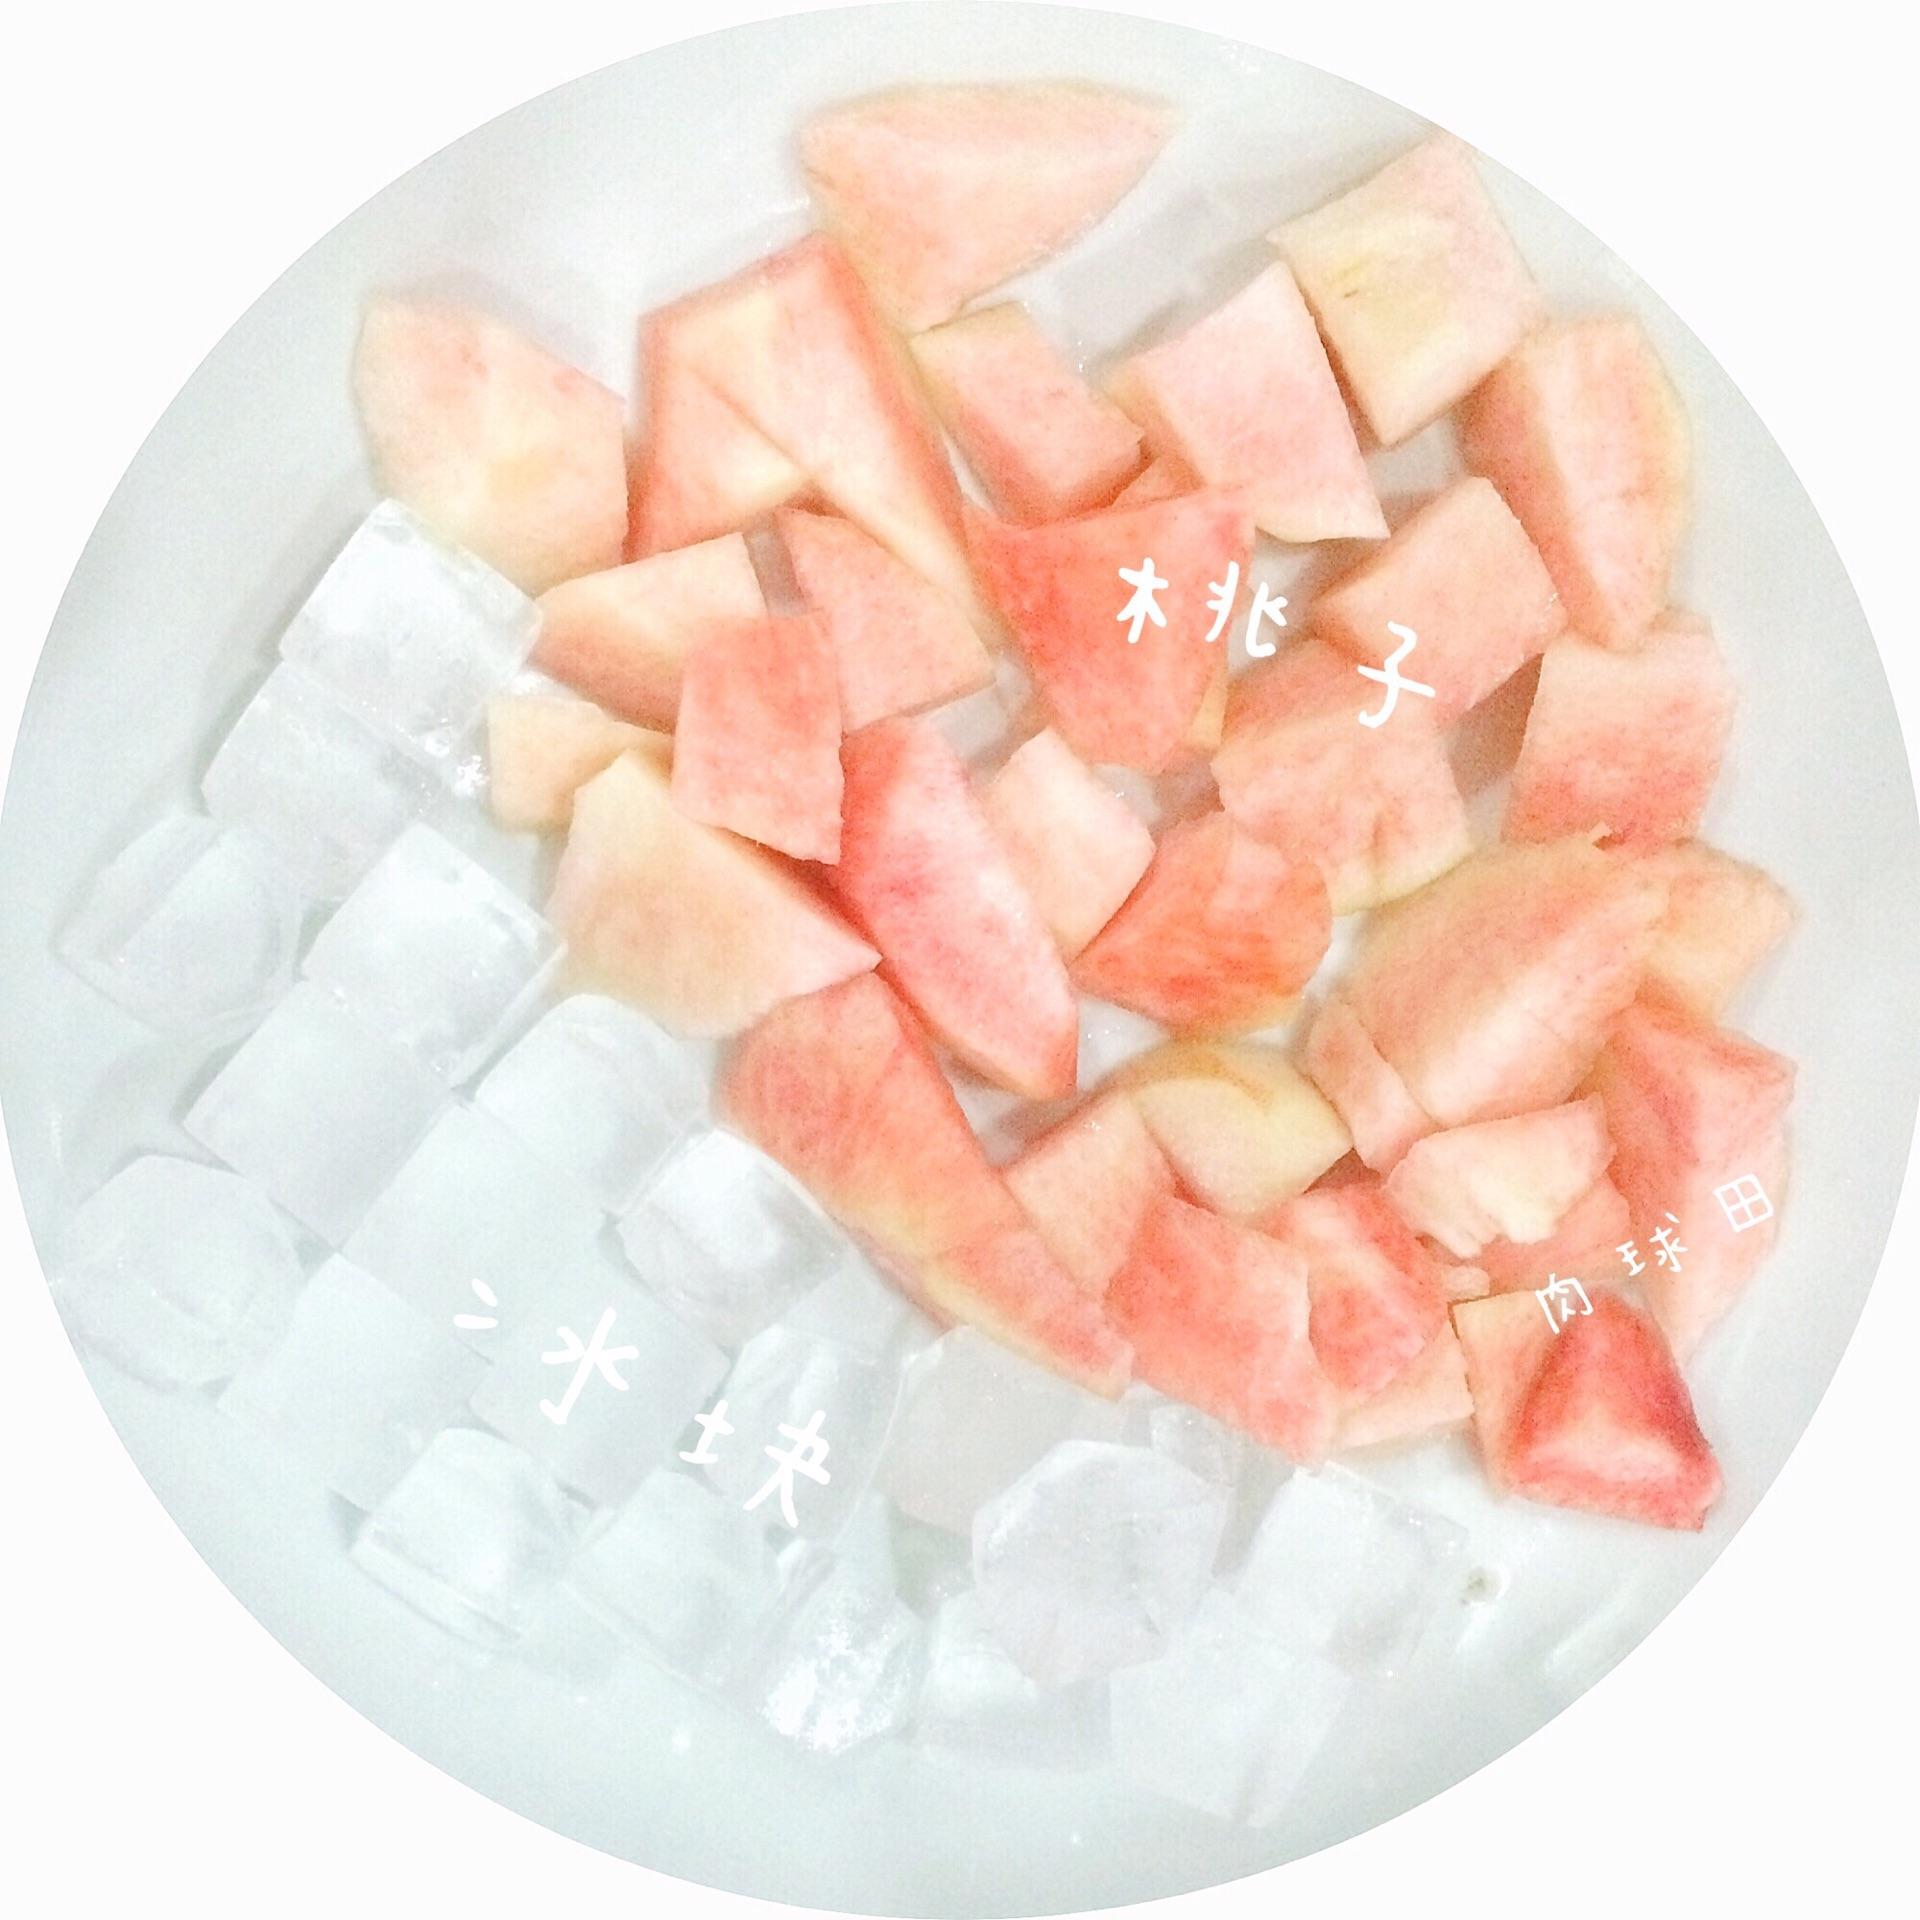 桃子冰沙的做法步骤